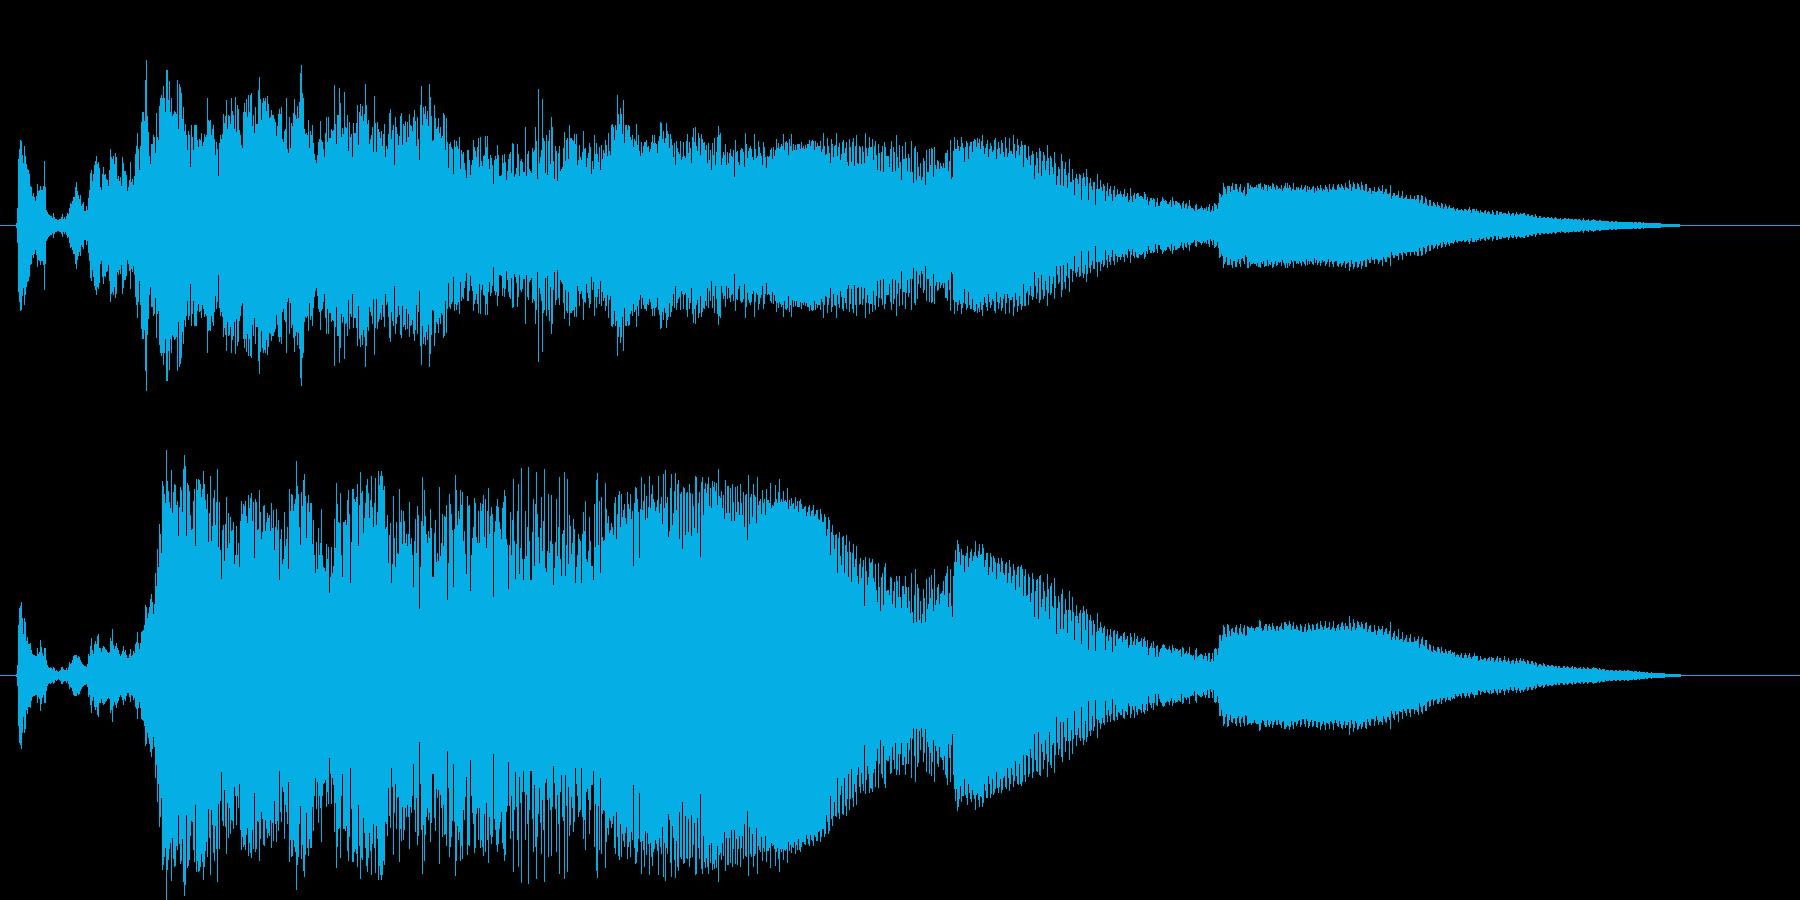 GTO;スタート/アウェイ;始動前...の再生済みの波形